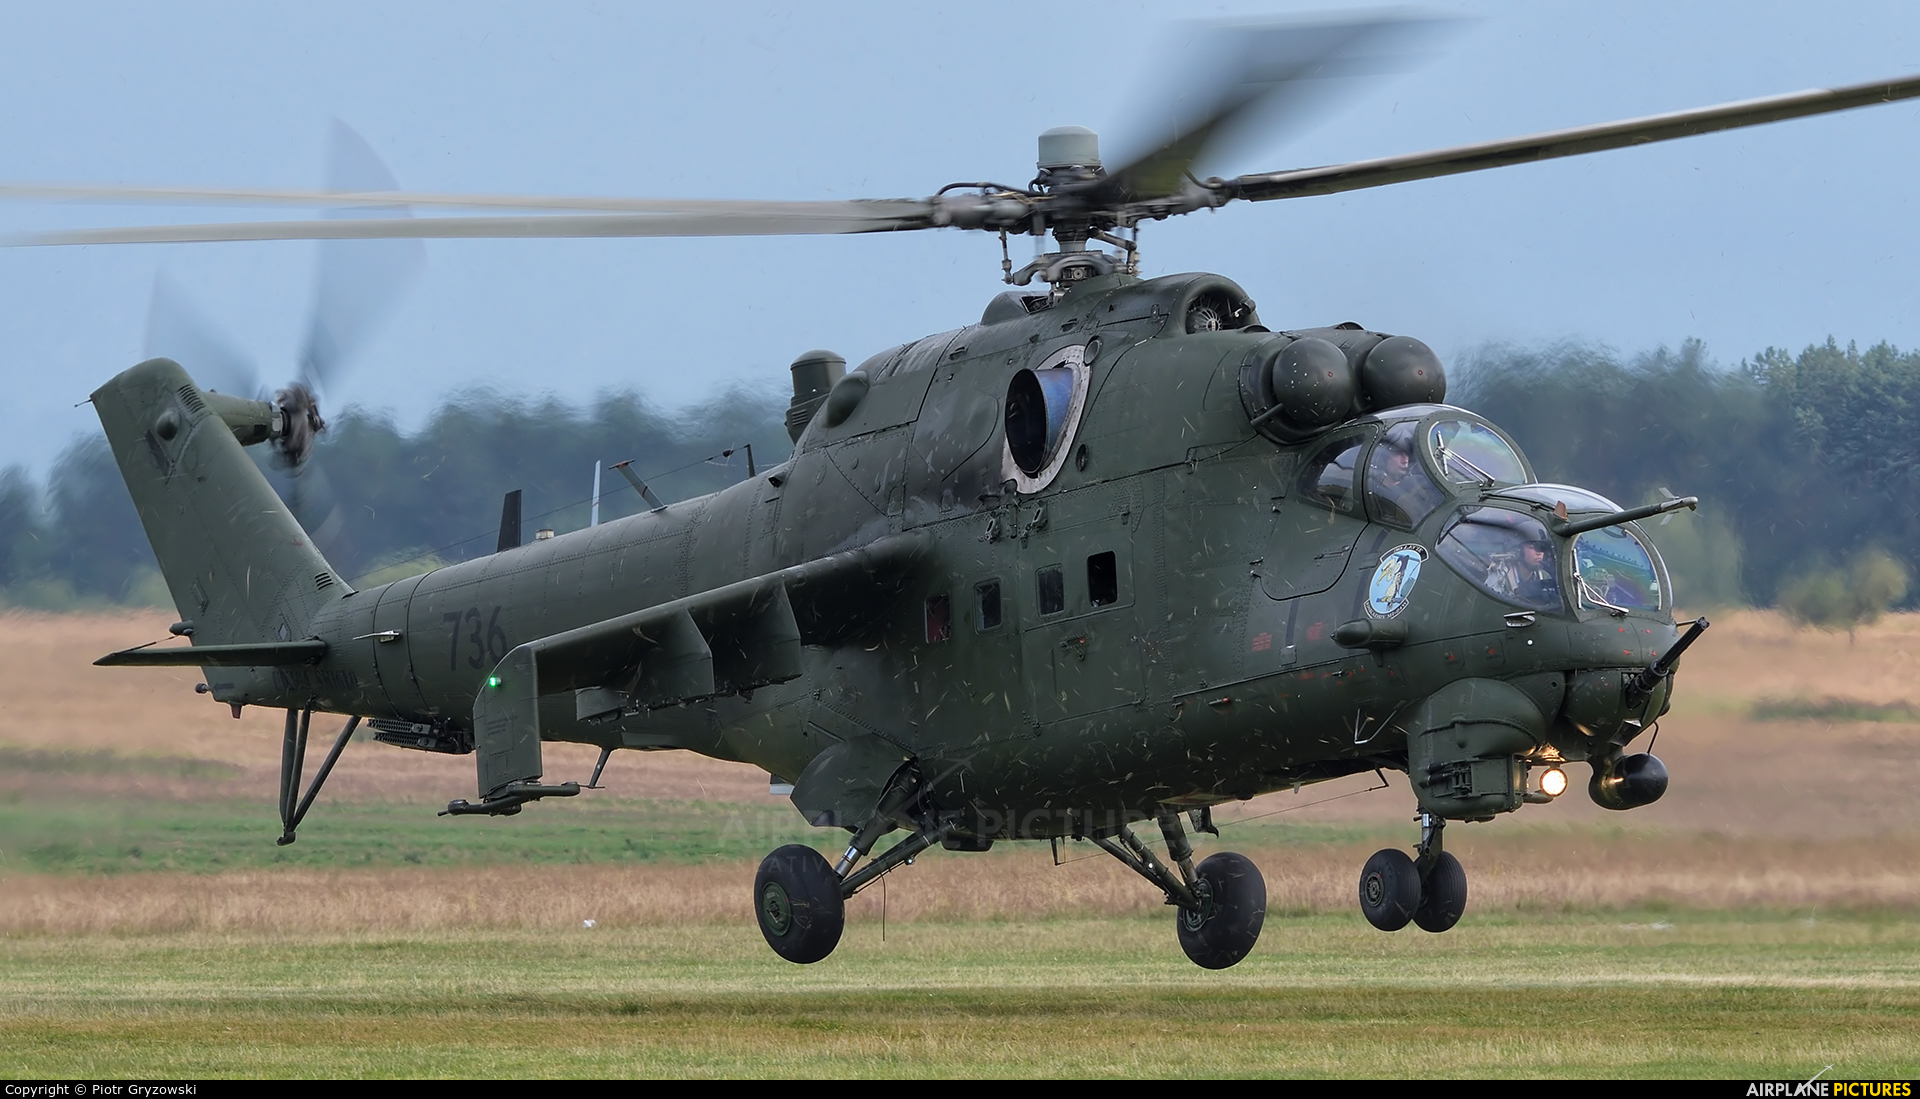 Poland - Army 736 aircraft at Nowy Targ